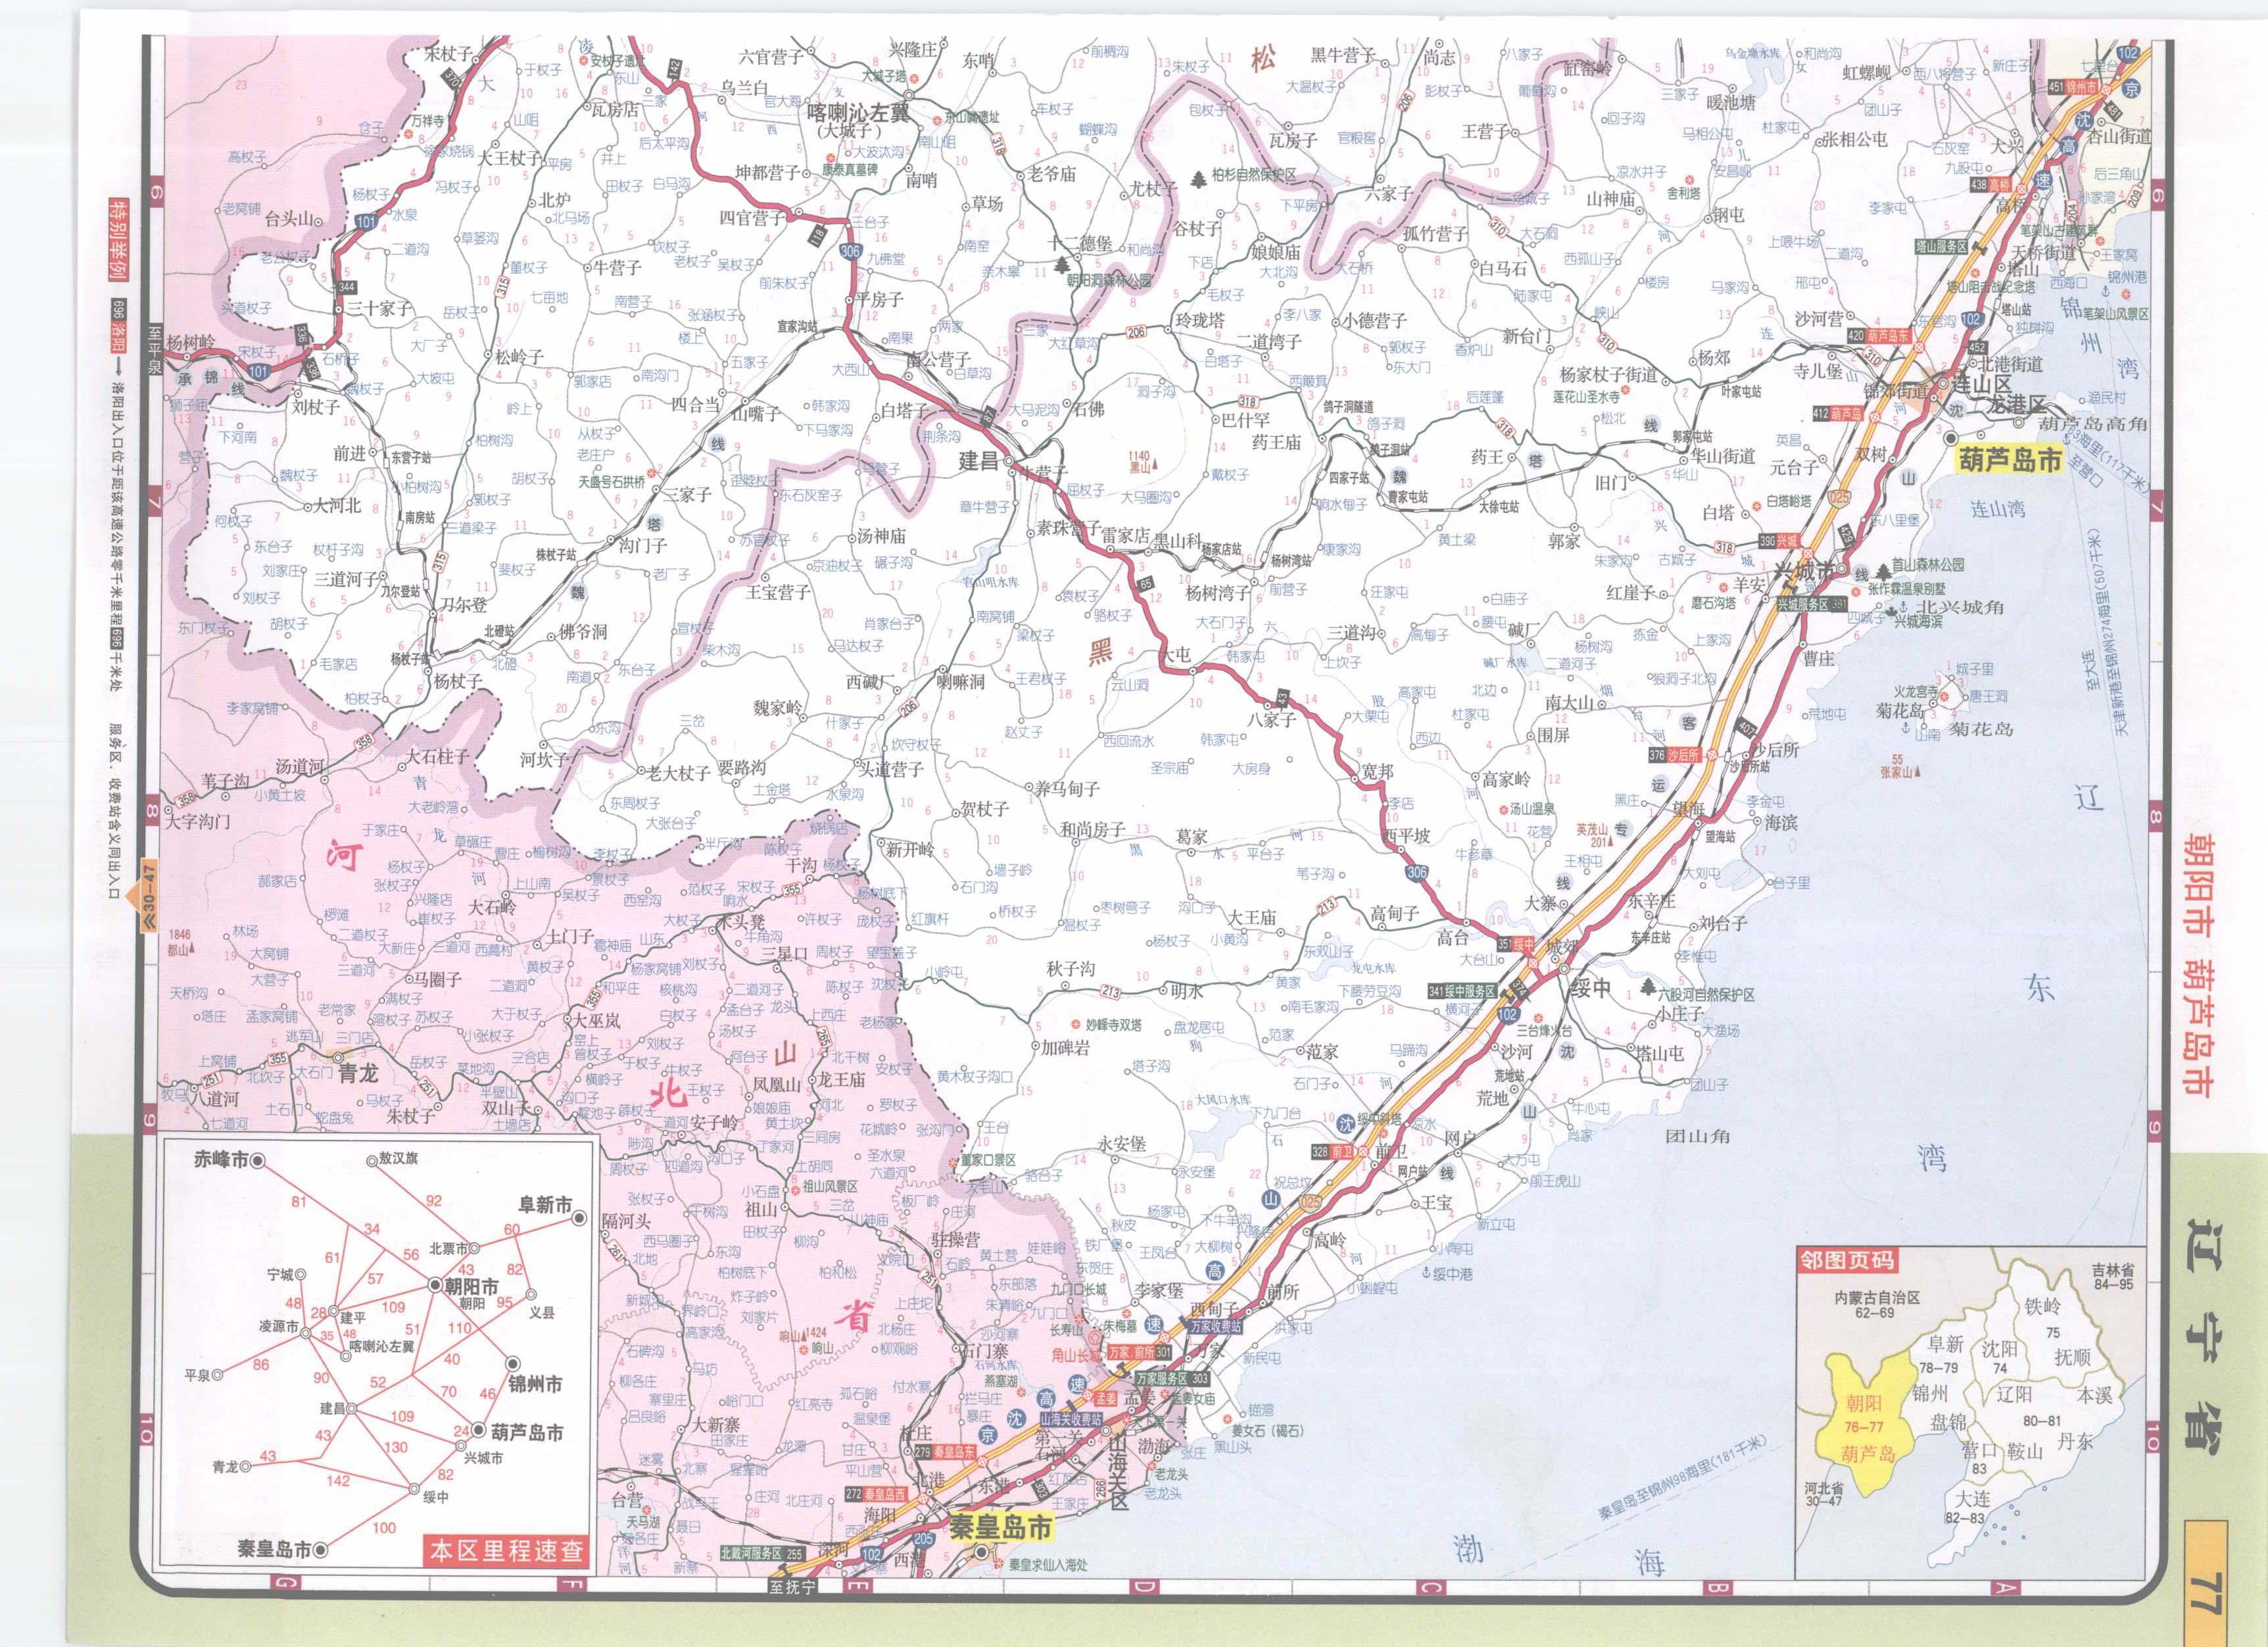 辽宁省朝阳市葫芦岛市高速公路网地图